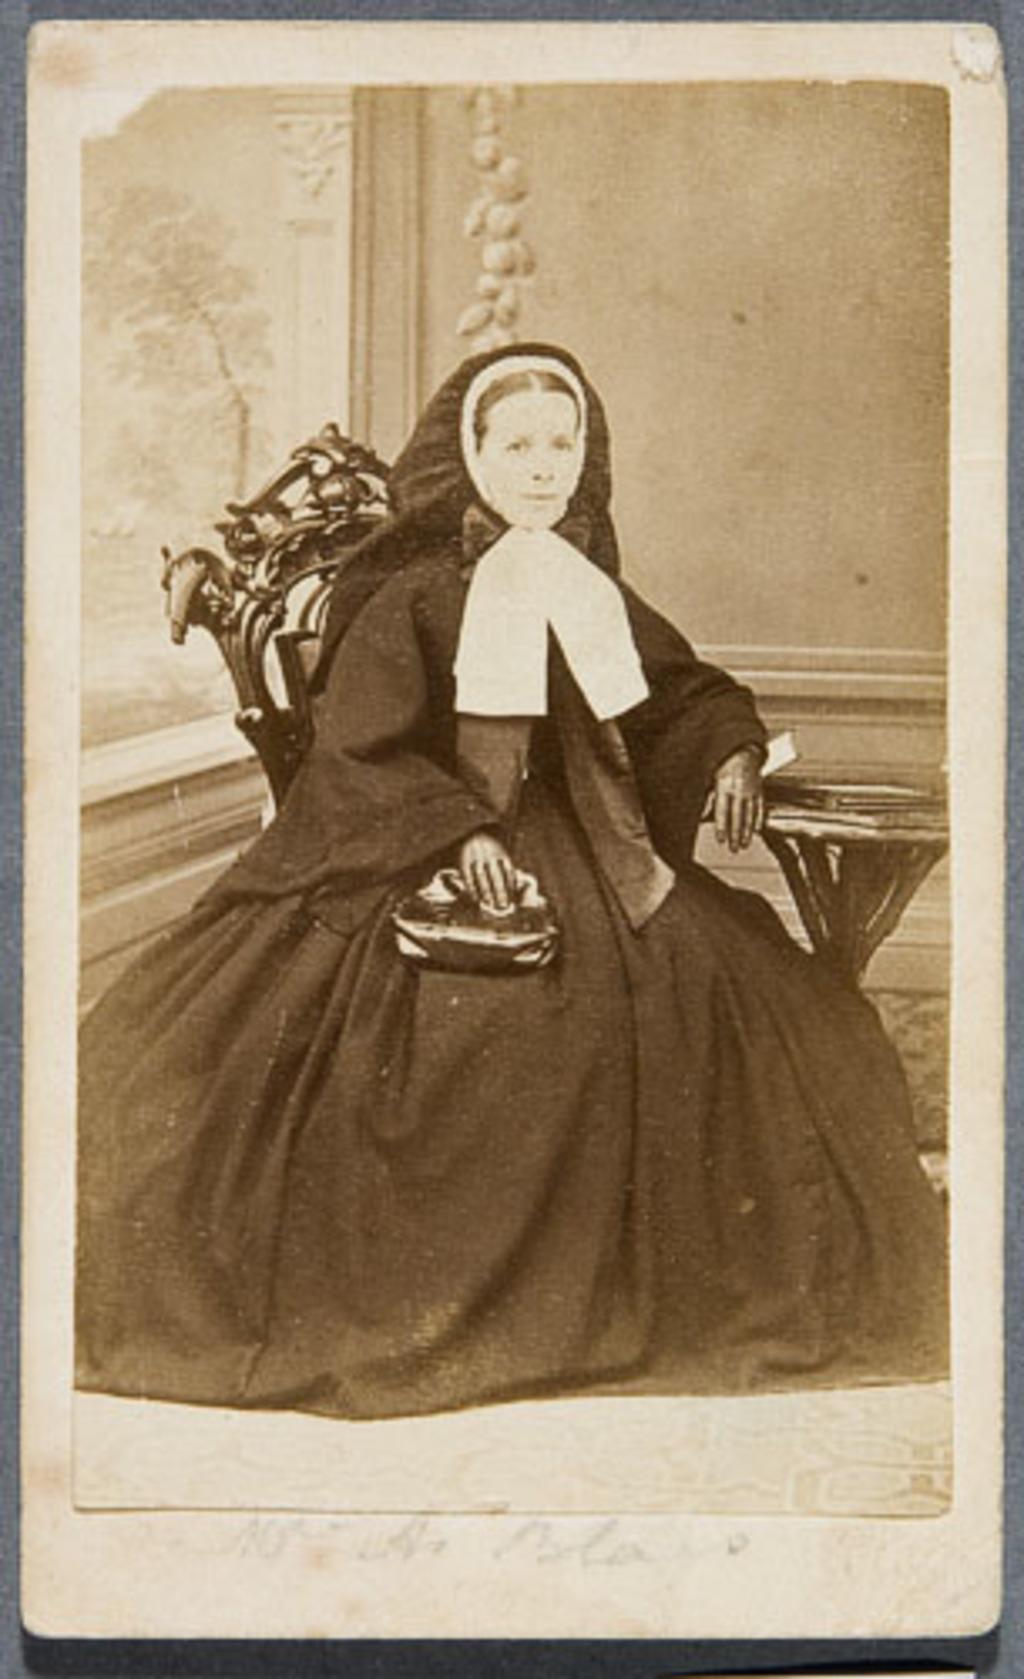 Madame A. Blais (?)